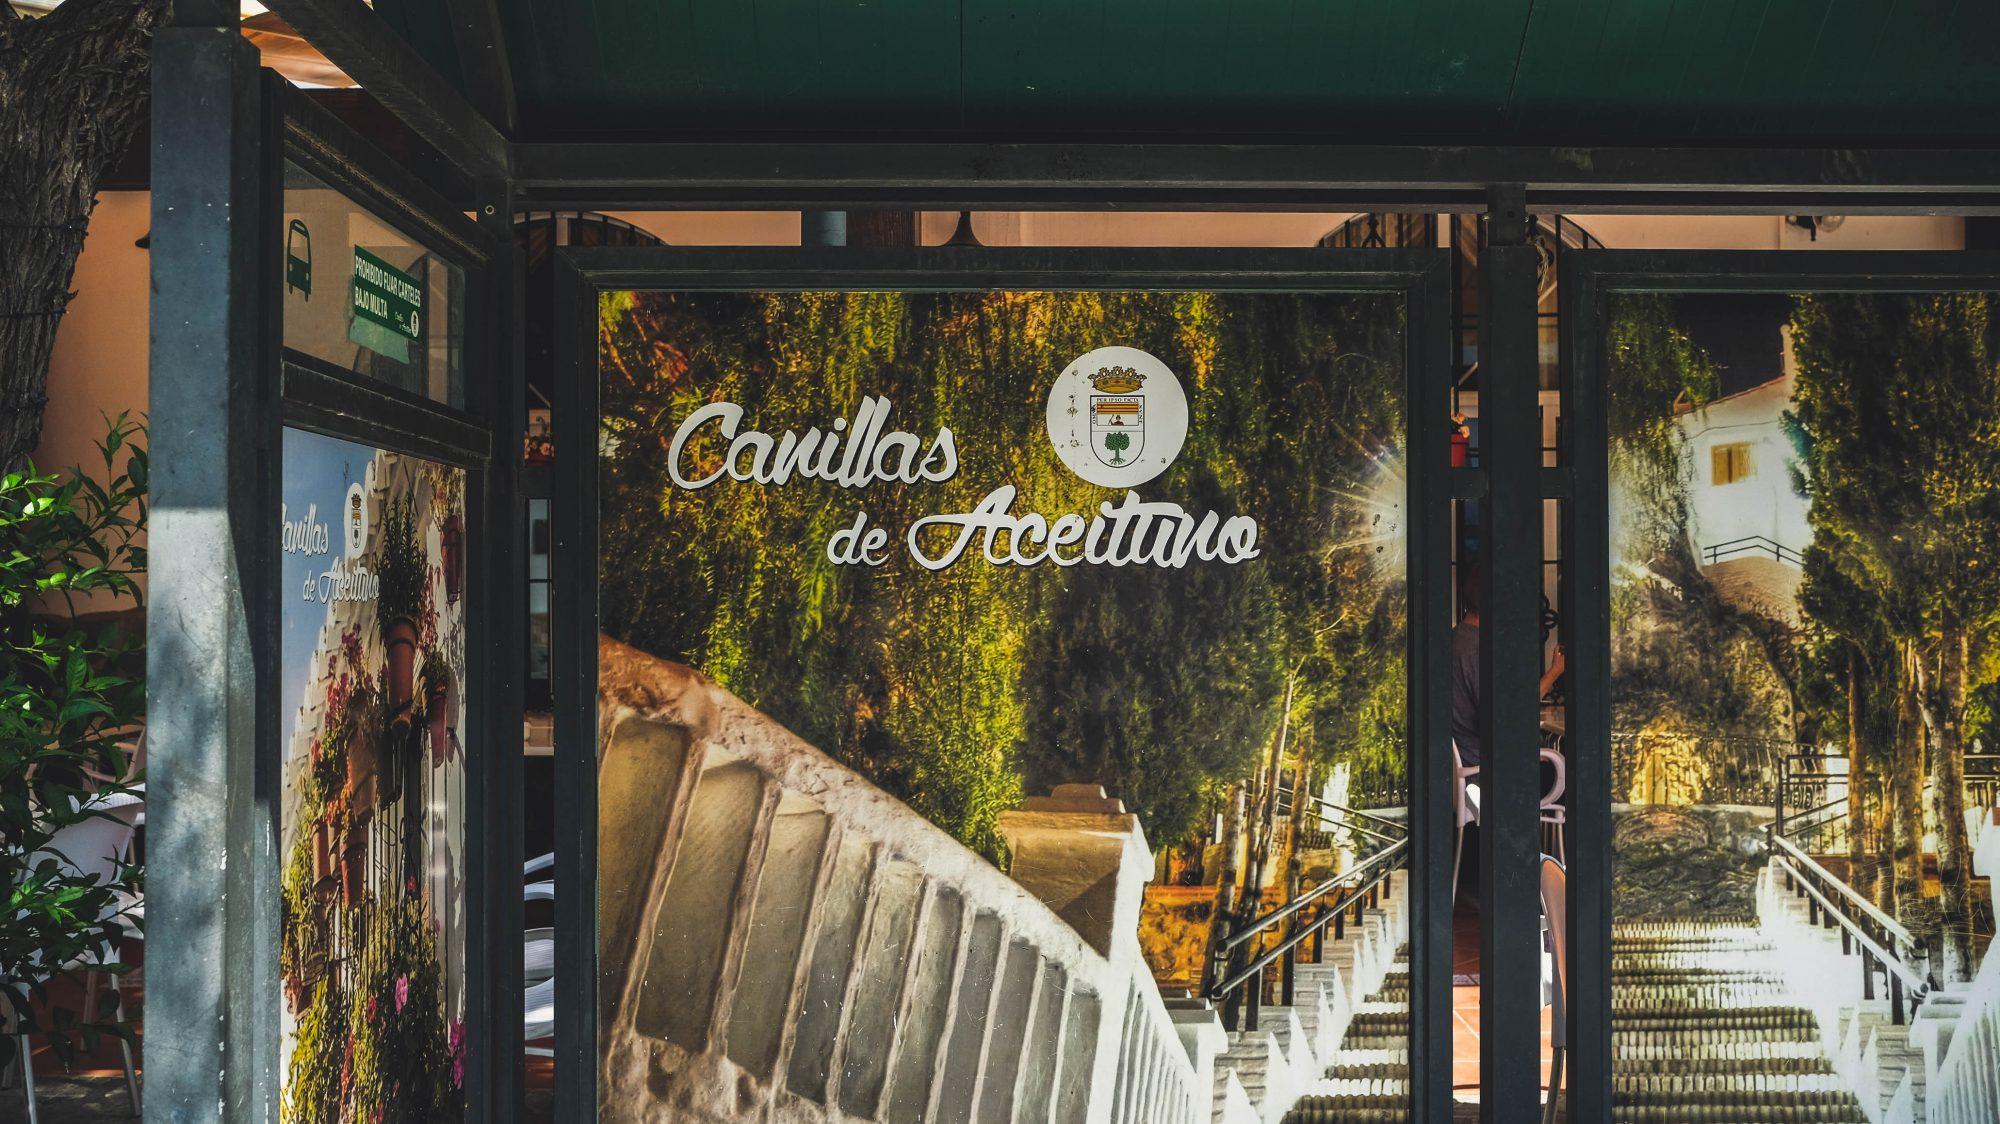 Au cas où - Canillas de Aceituno, Espagne